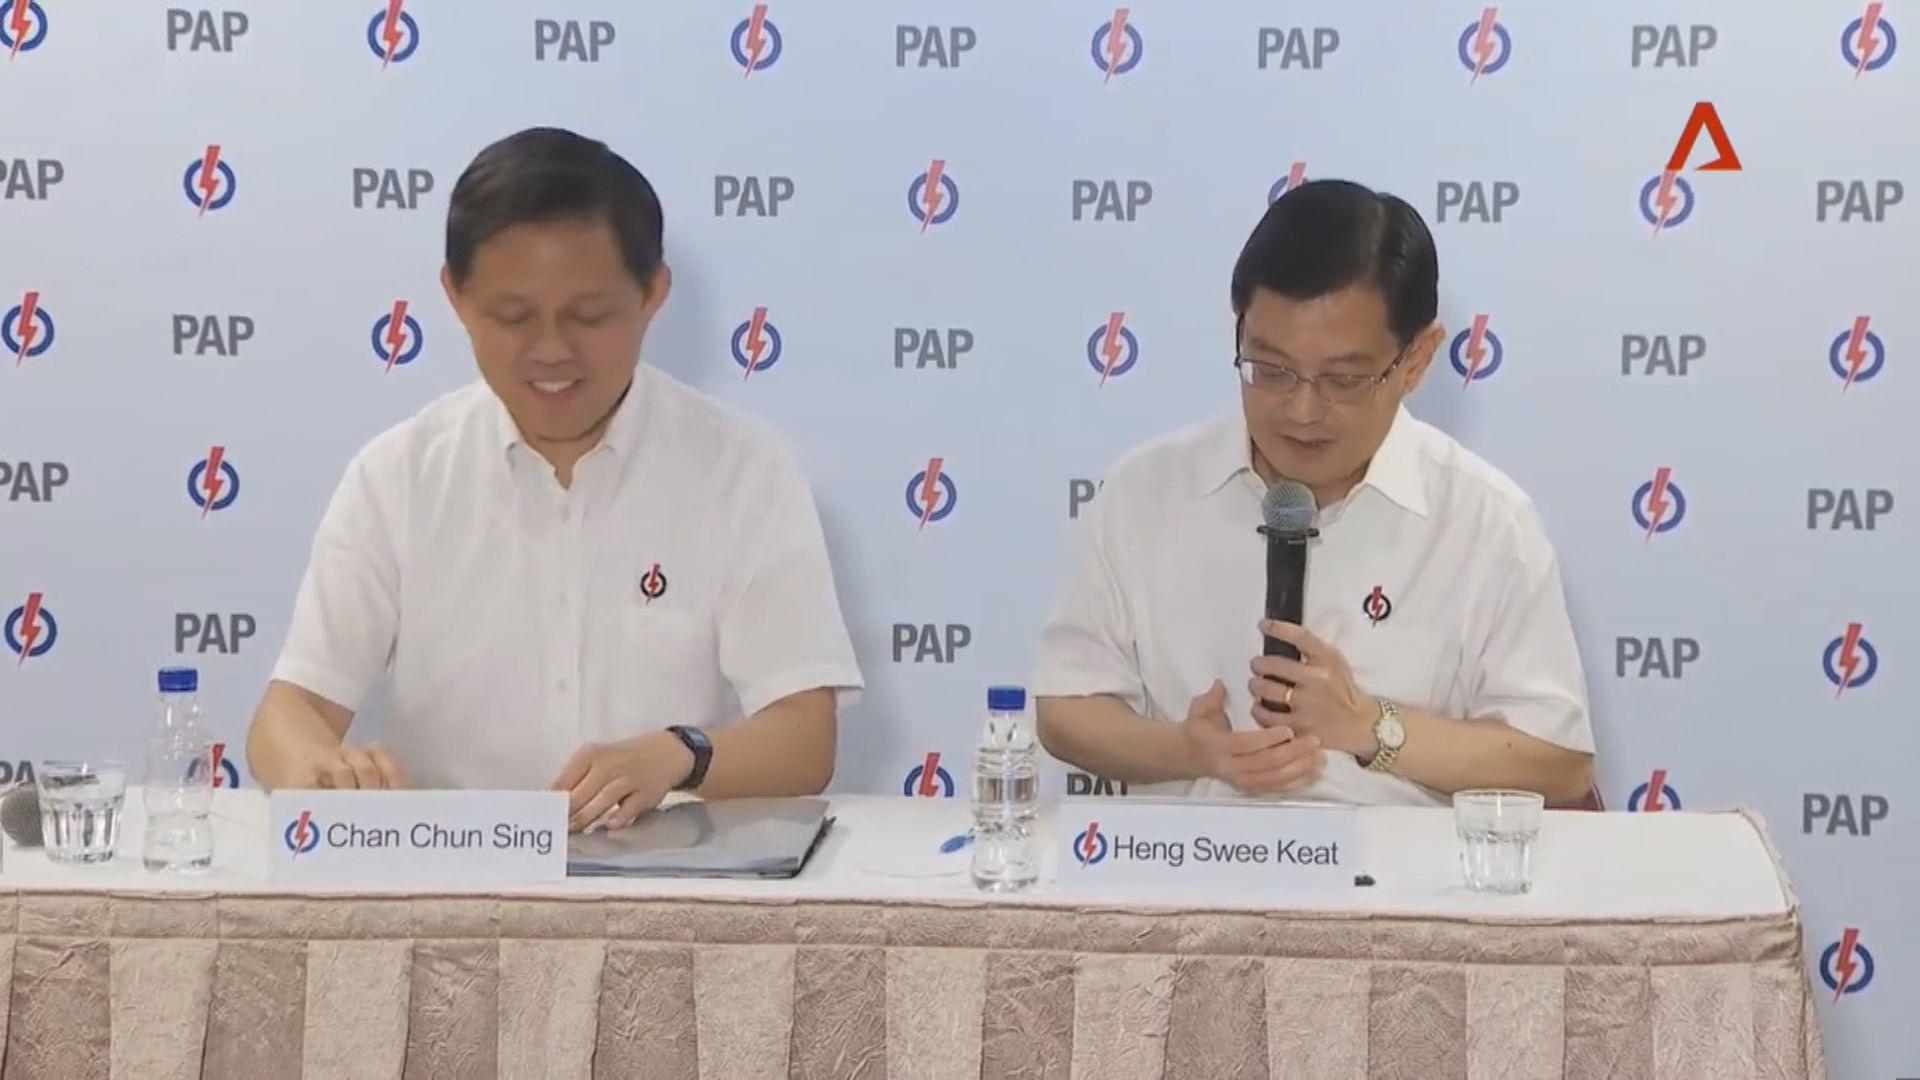 新加坡內閣高官減薪一個月 前線醫護獲特別獎金